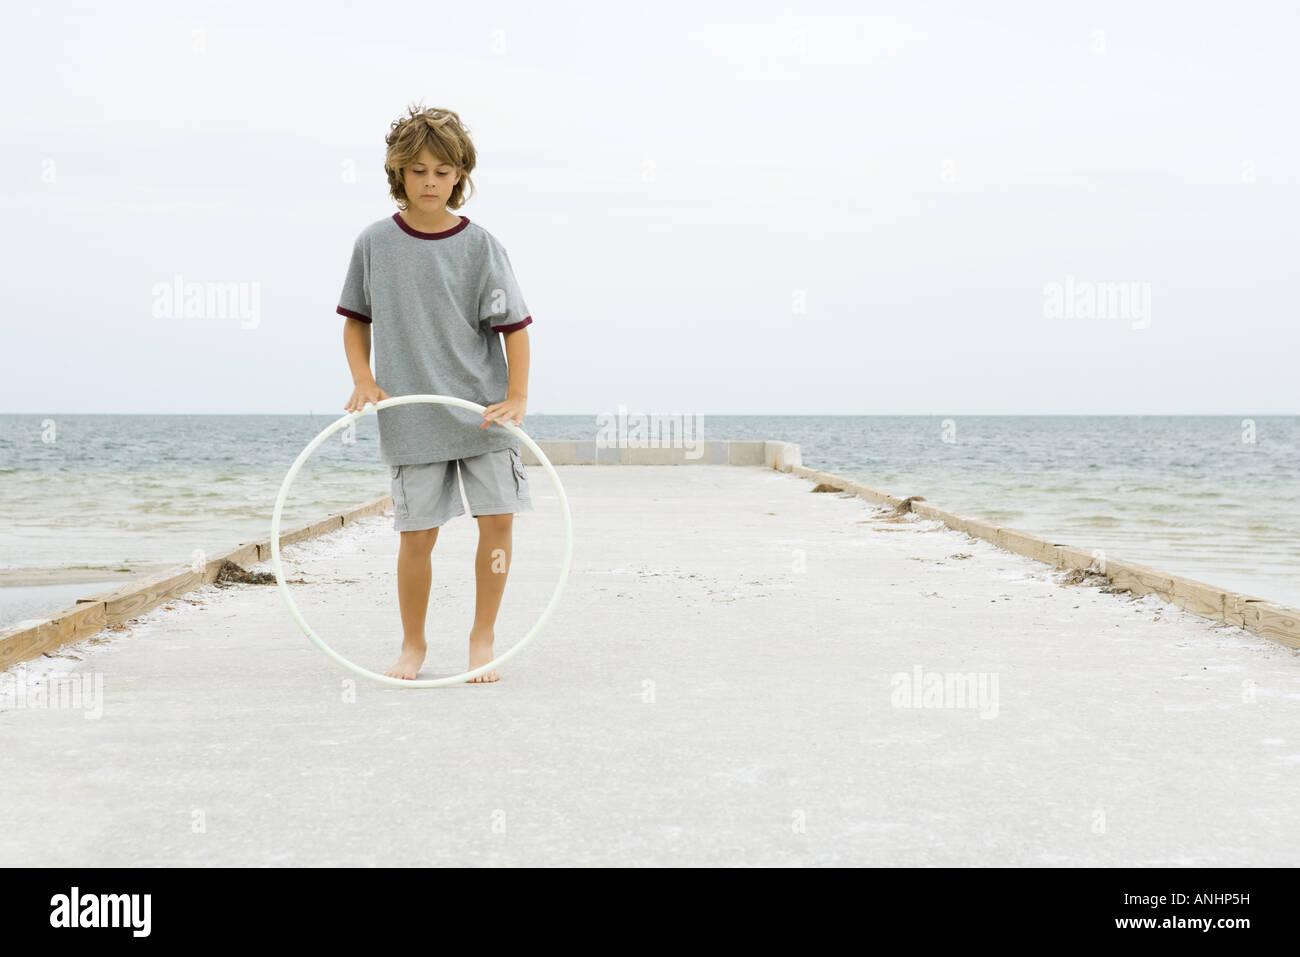 Ragazzo in piedi sul molo giocando con il cerchio di plastica a piena lunghezza Immagini Stock